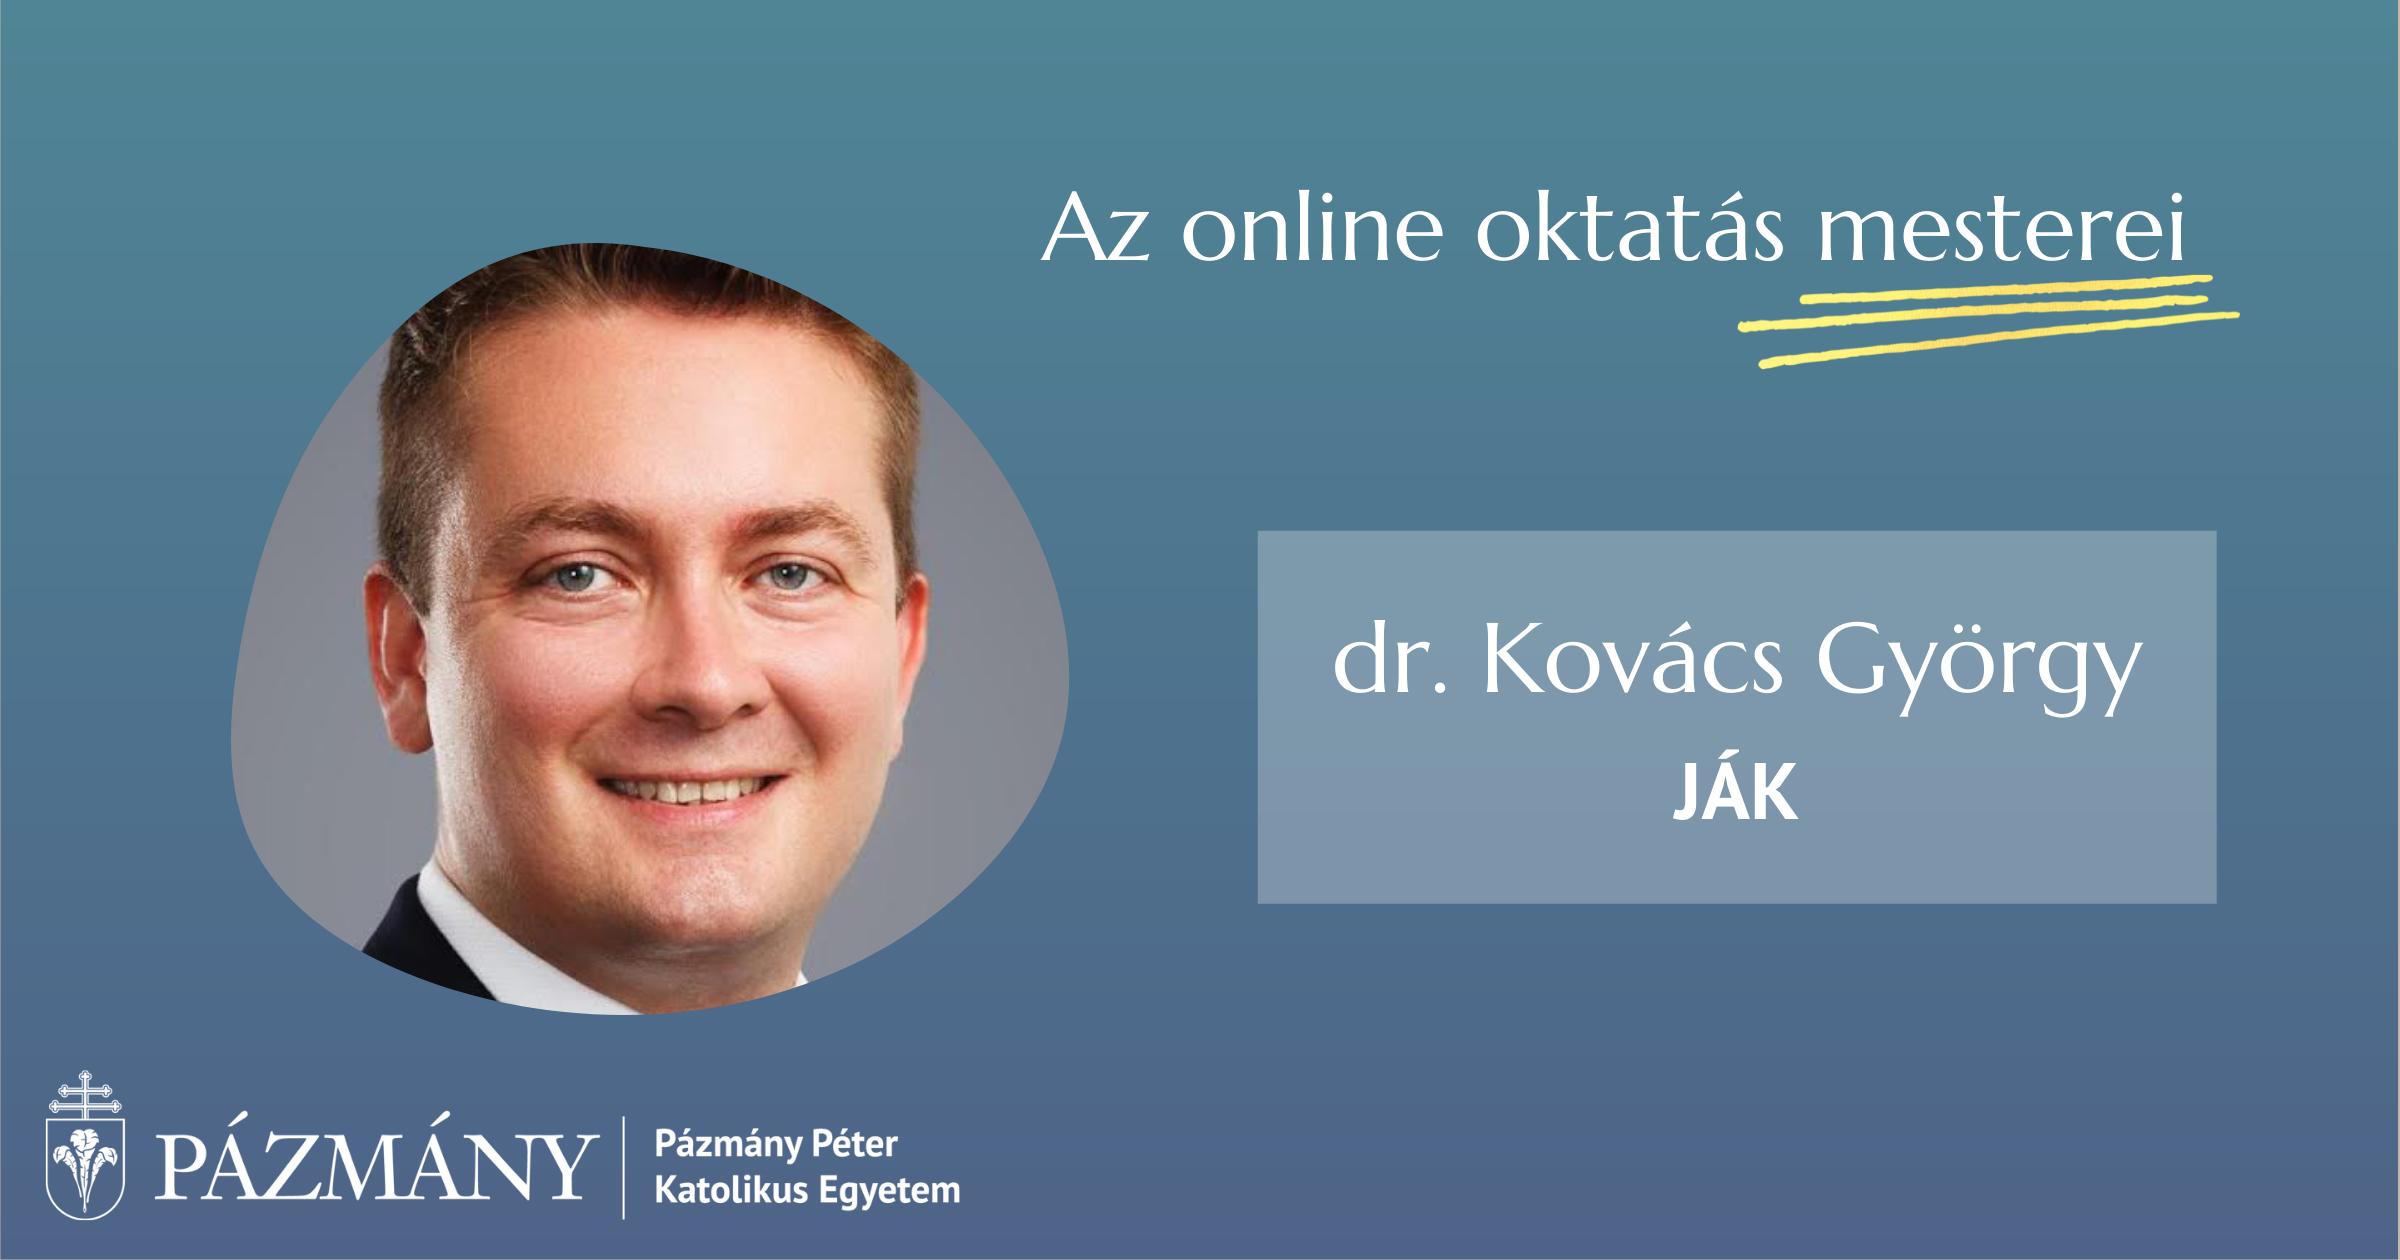 Az online oktatás mesterei: interjú dr. Kovács Györggyel